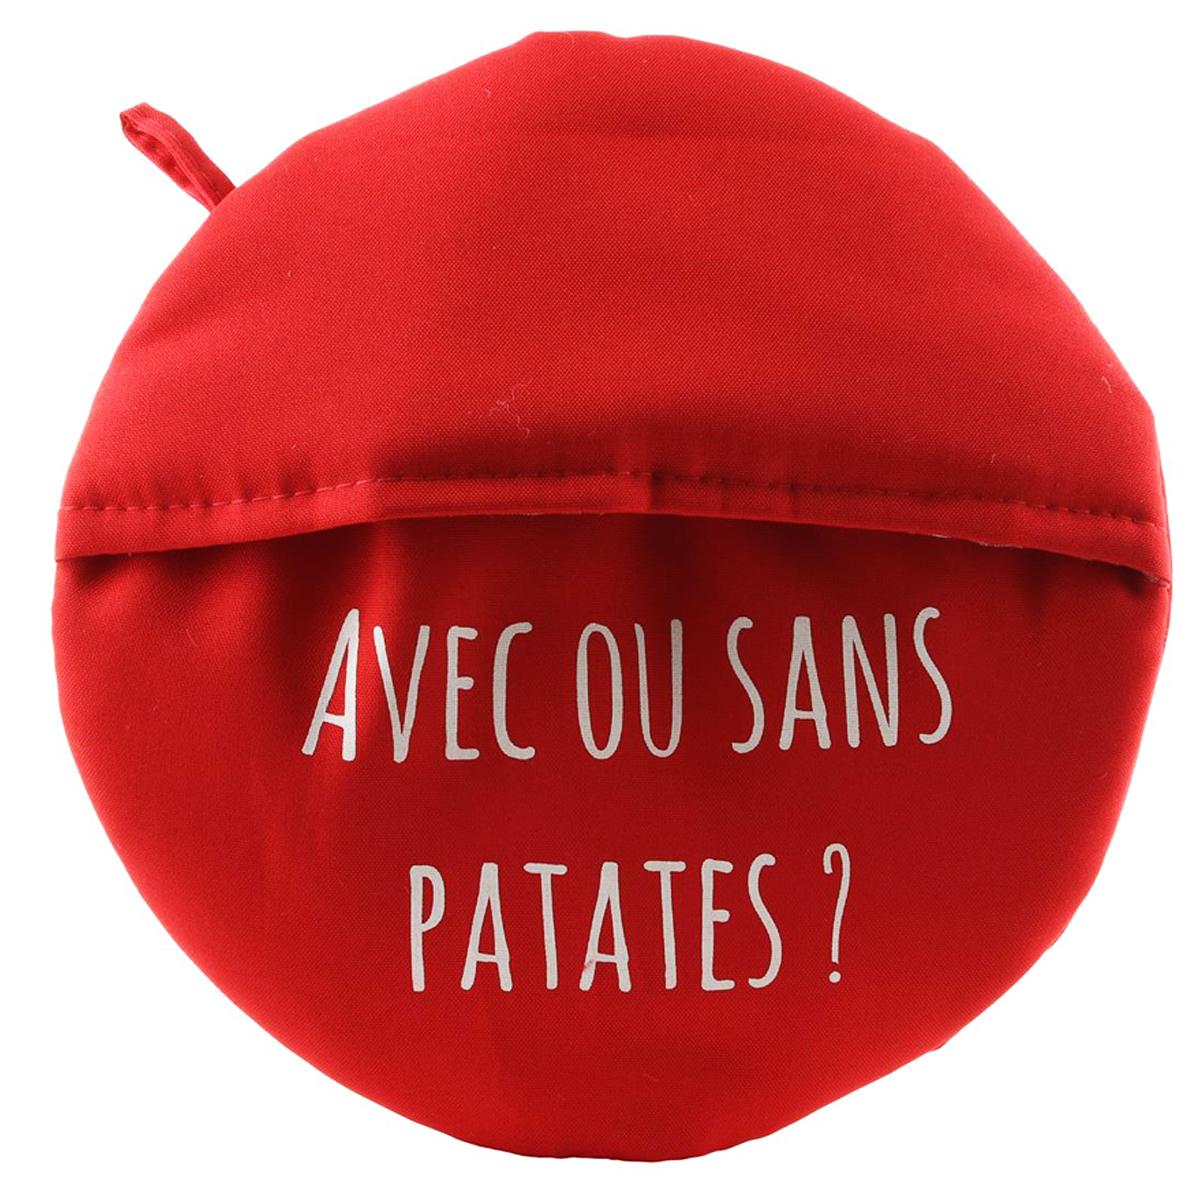 Chausson cuit pommes de terre \'Messages\' rouge (avec ou sans patates ?) - 265 cm - [Q0518]